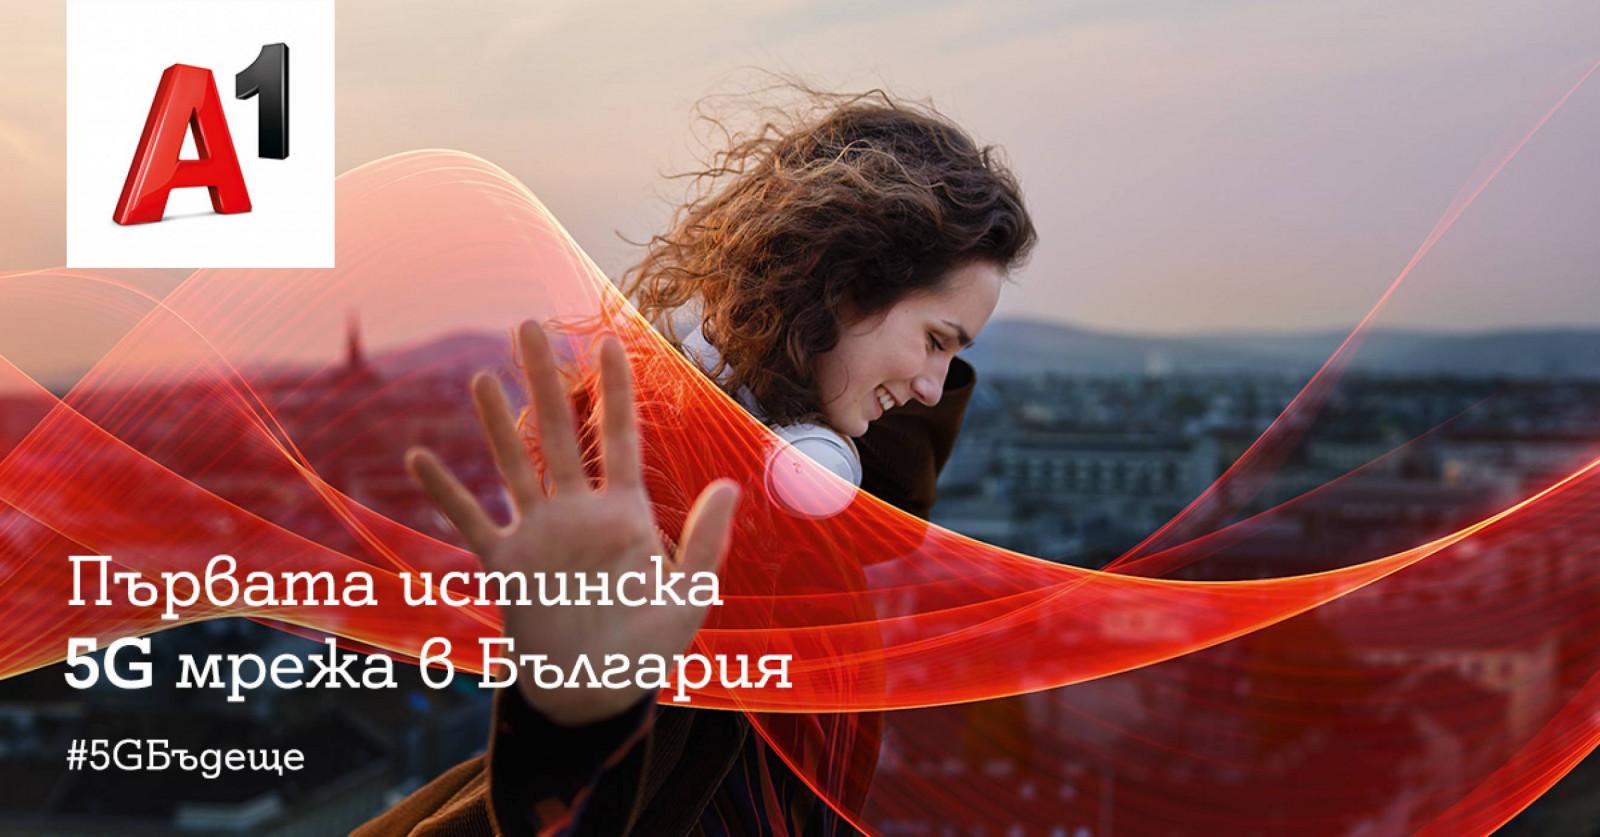 A1 запустила 5G в столице Болгарии